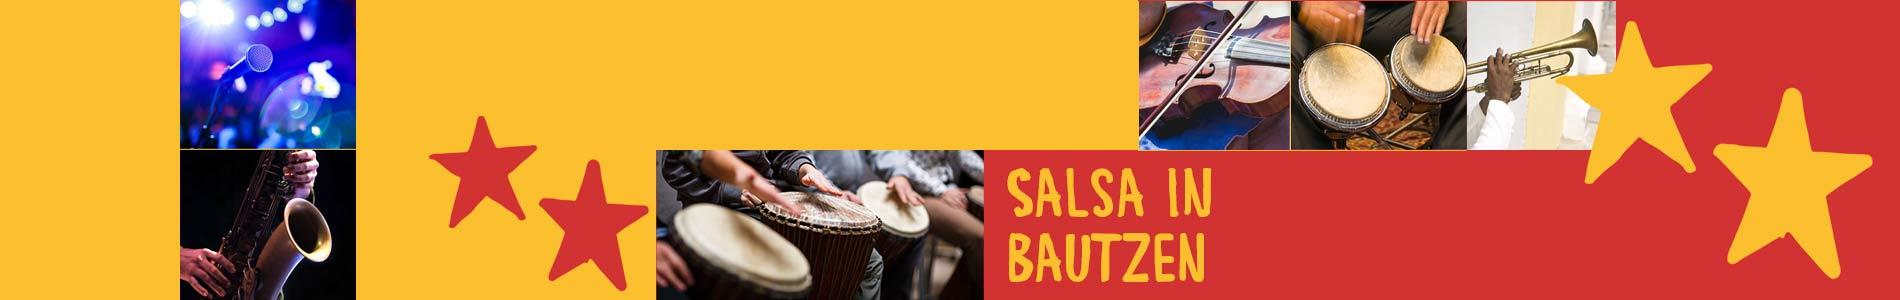 Salsa in Bautzen – Salsa lernen und tanzen, Tanzkurse, Partys, Veranstaltungen